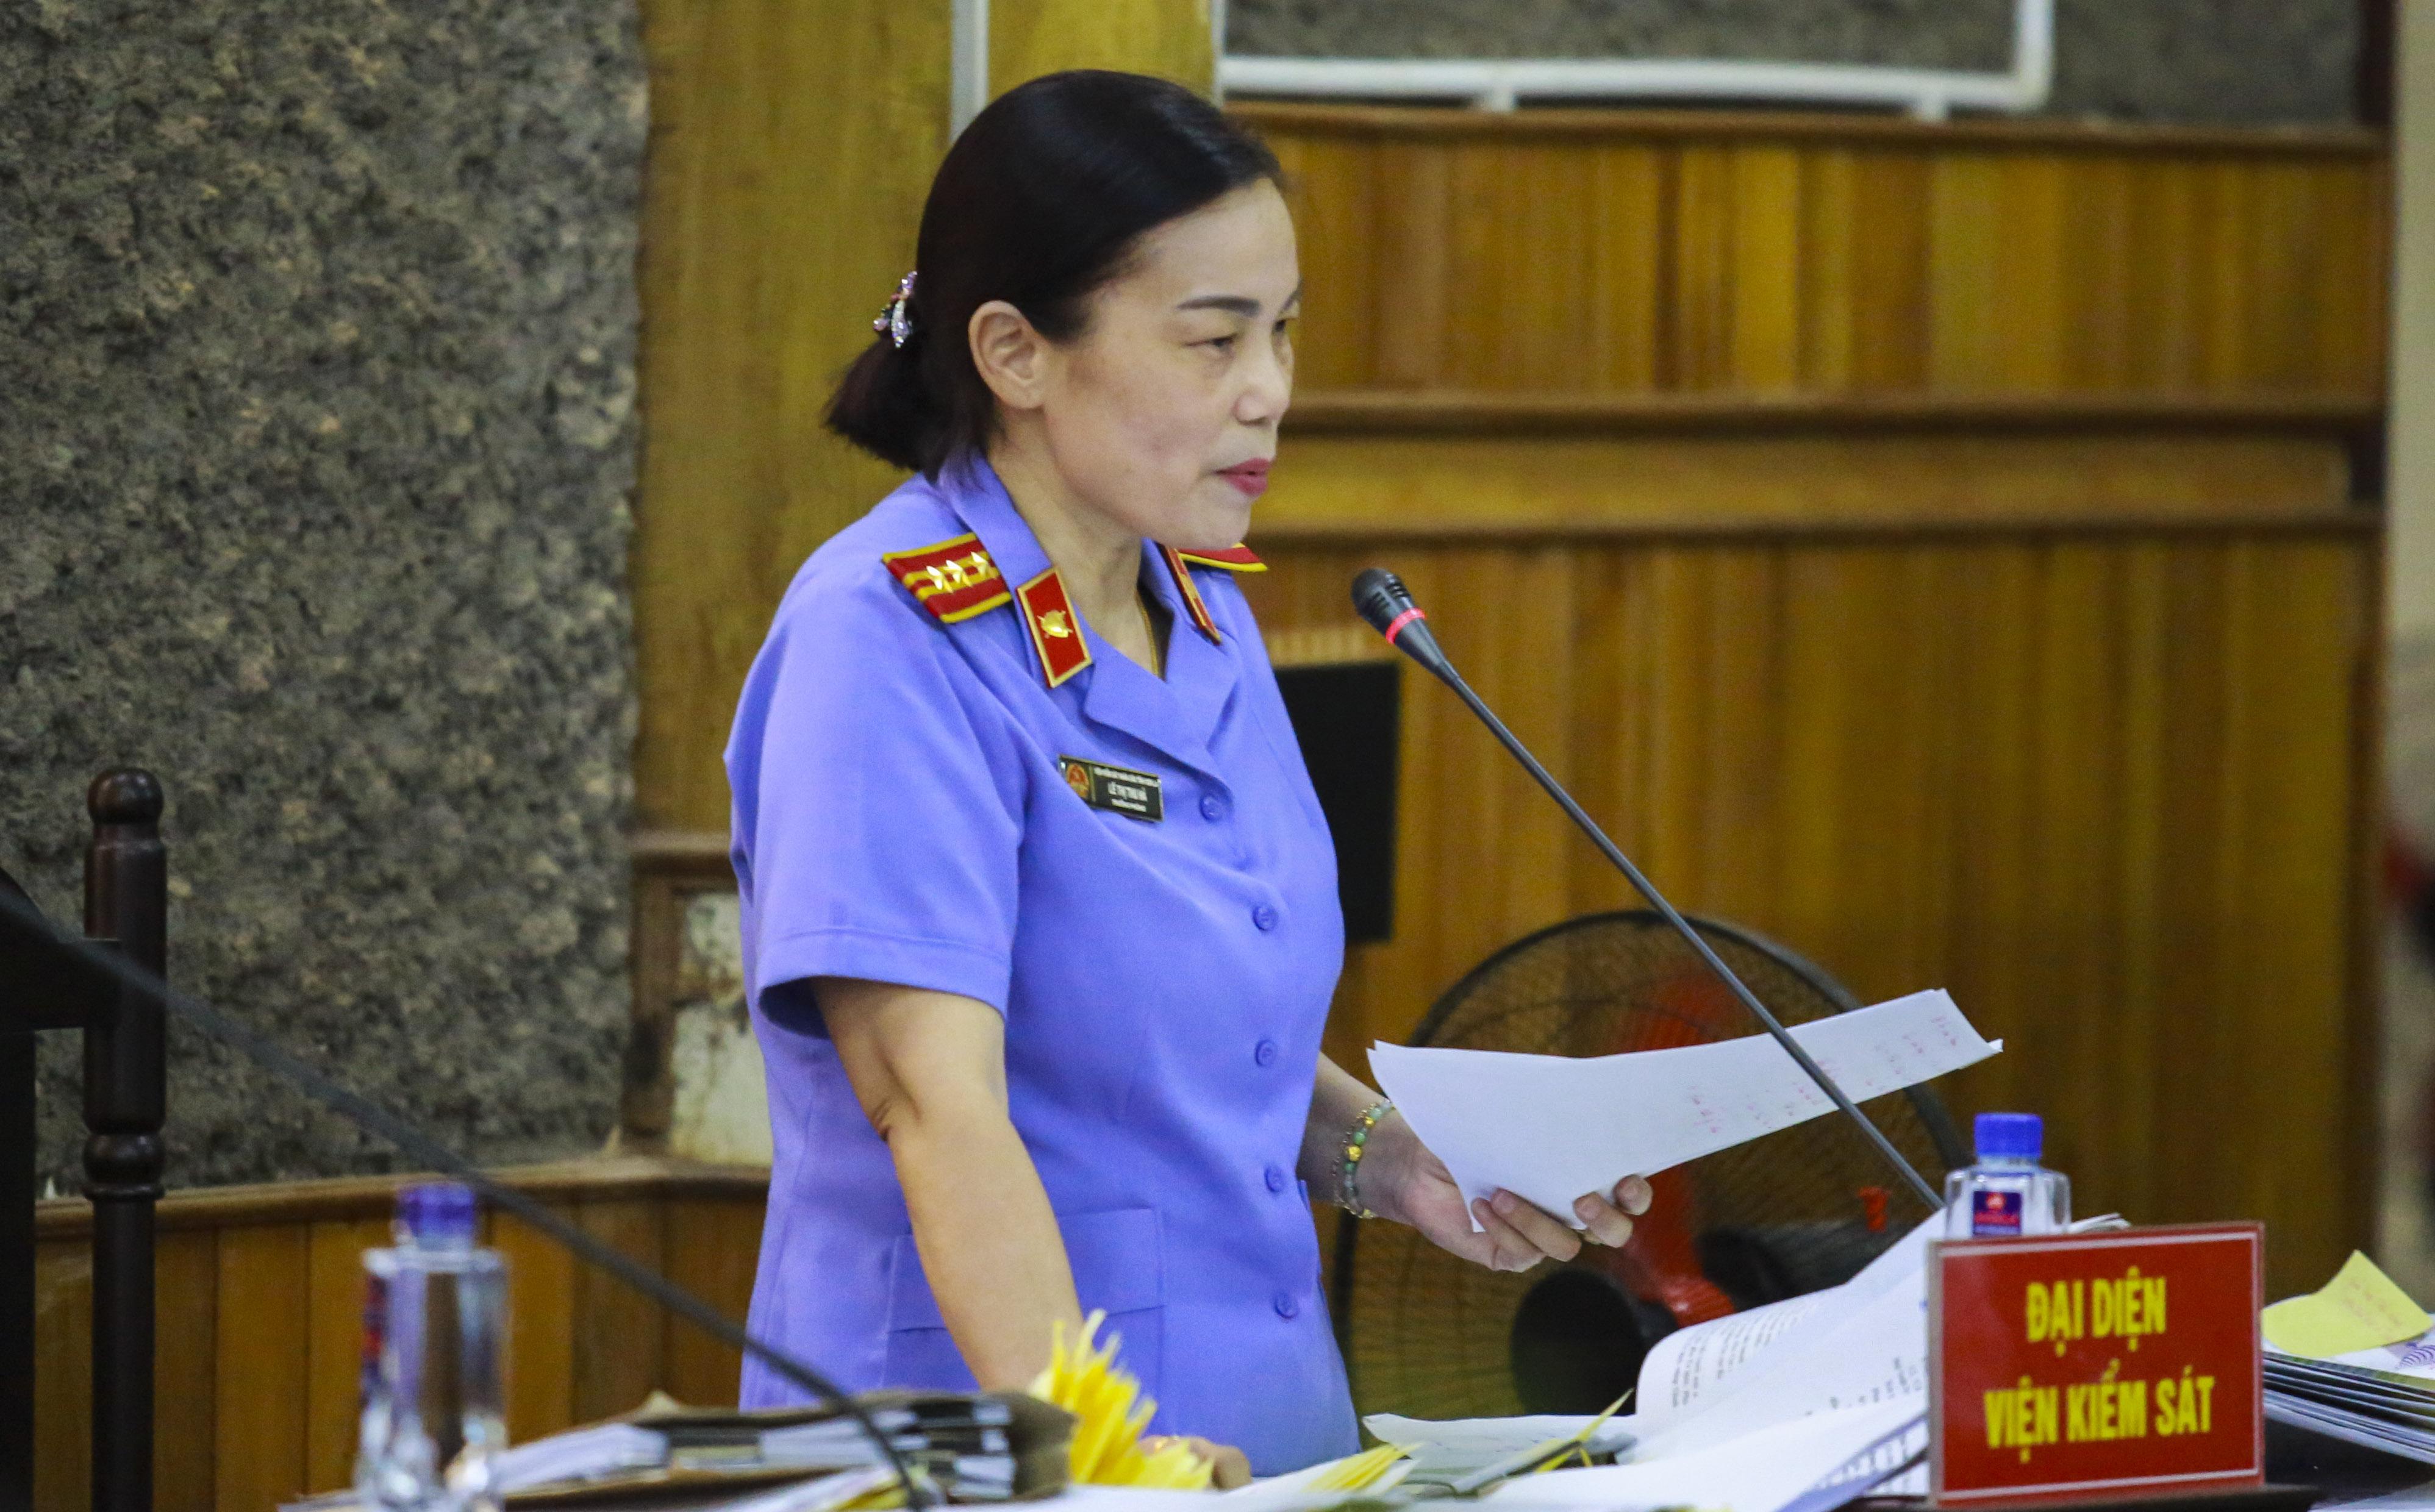 """Màn đối đáp """"nảy lửa"""" giữa đại diện viện kiểm sát và cựu Phó giám đốc Sở GD-ĐT Sơn La"""